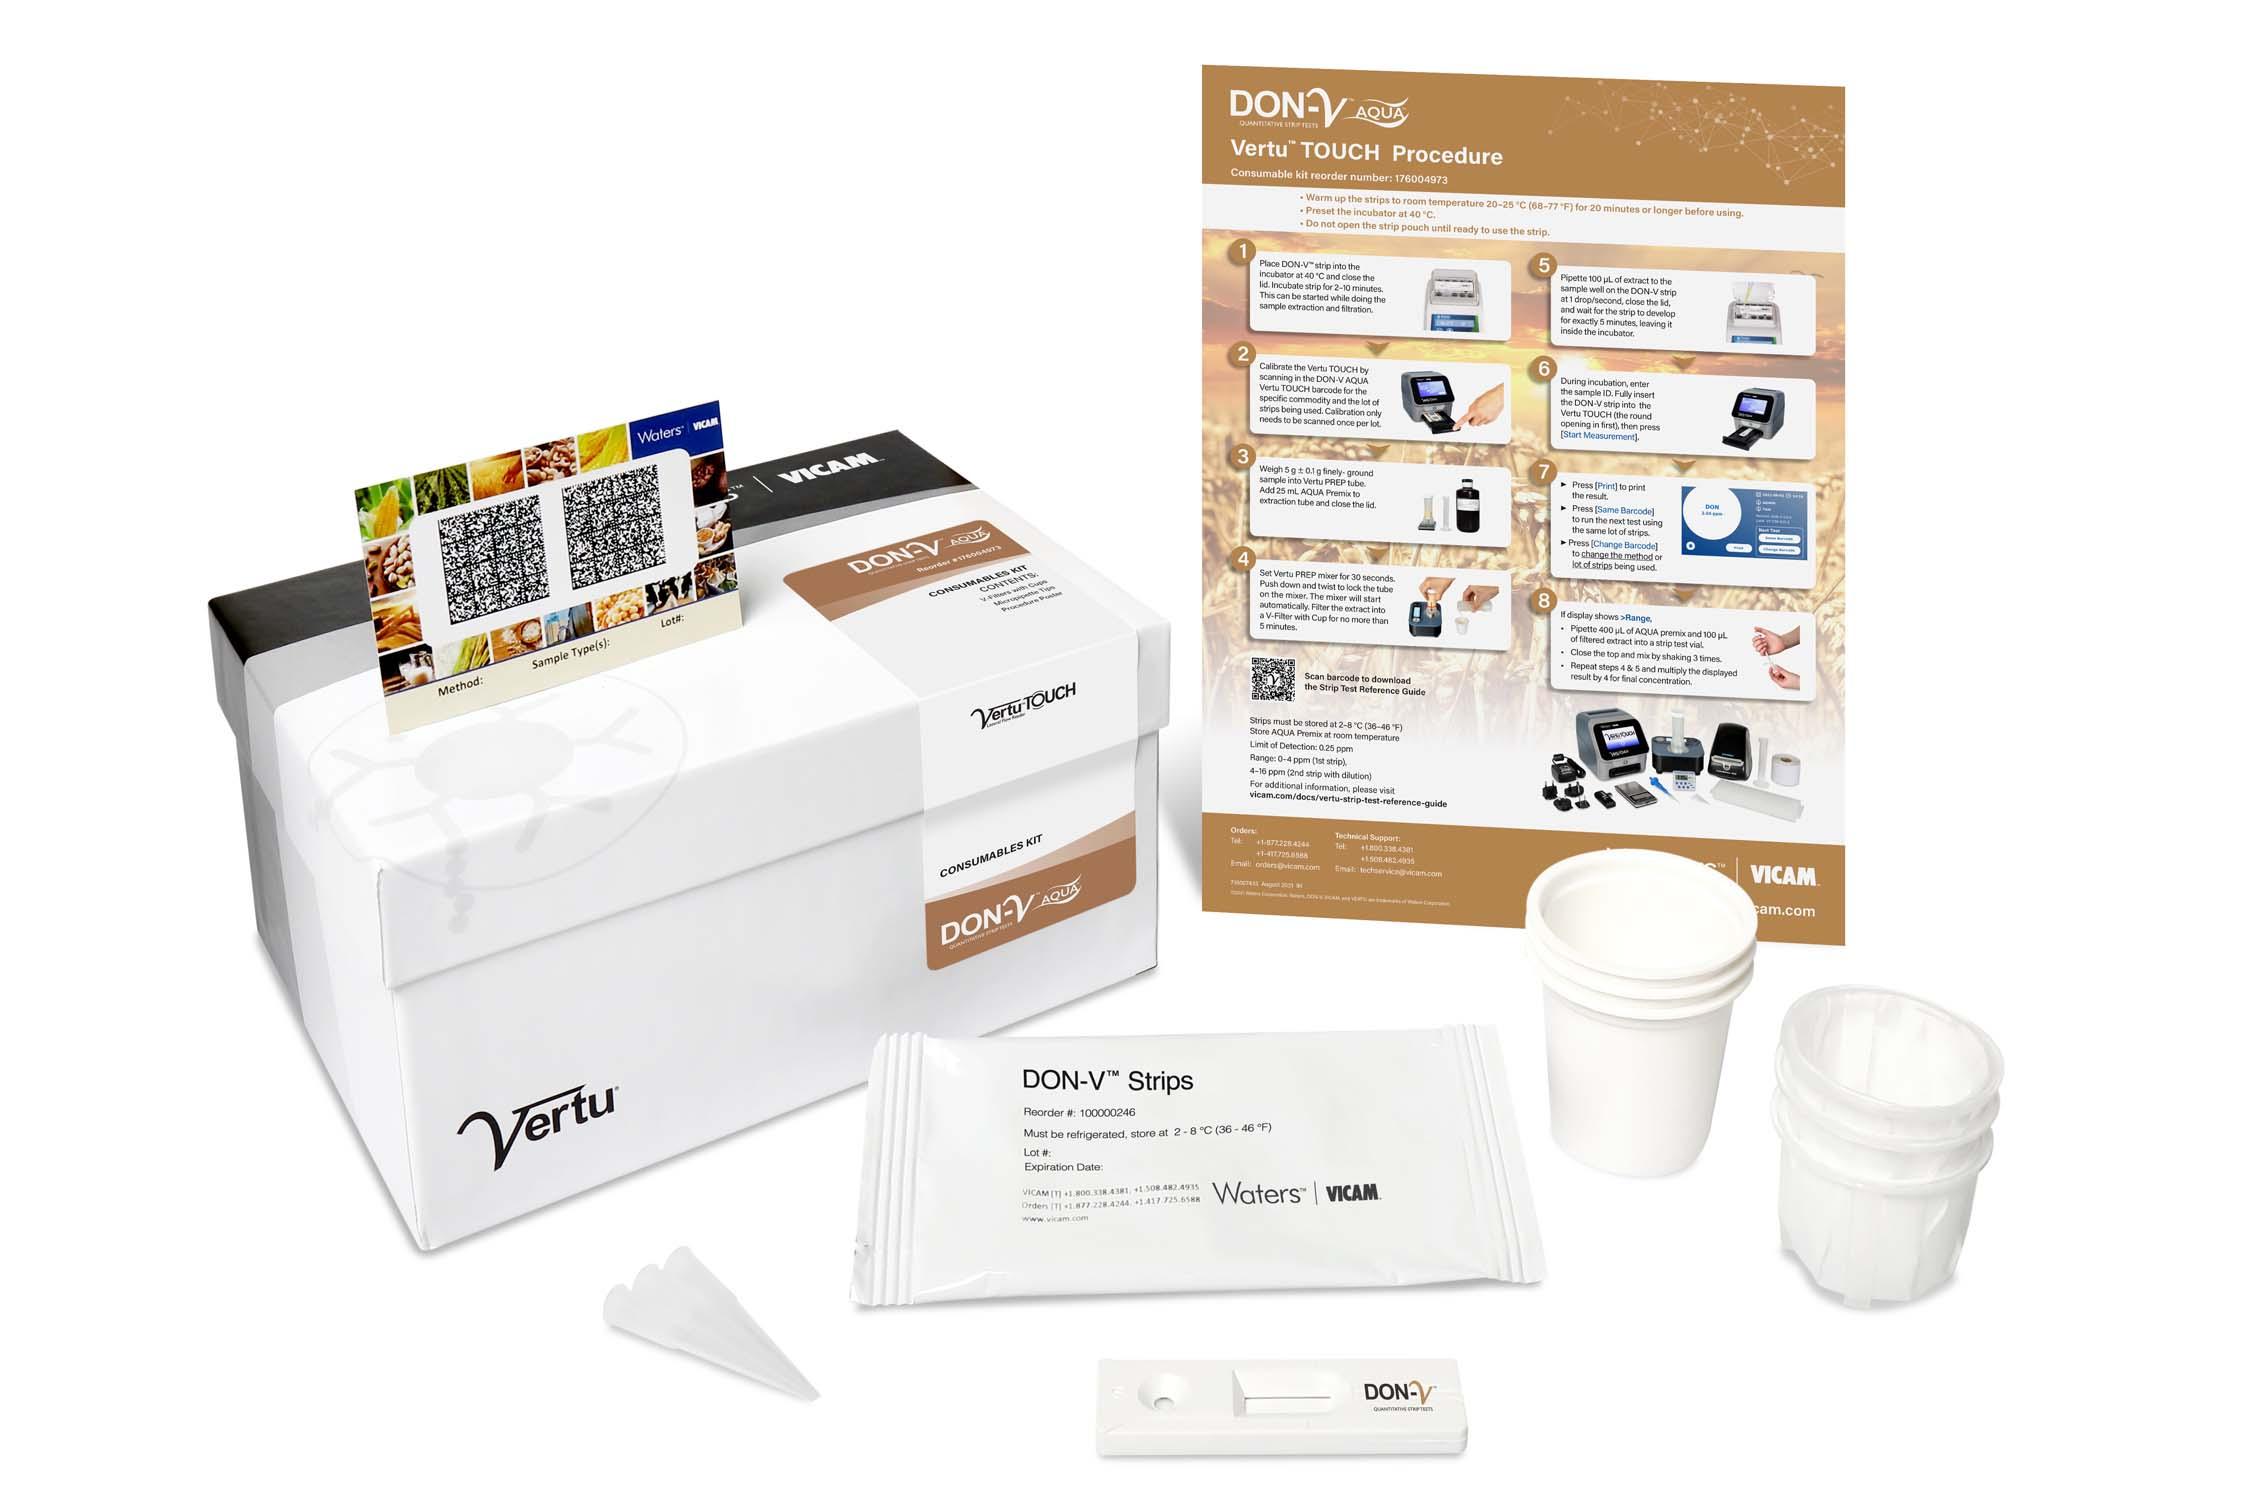 DON-V AQUA VT (25 Tests)